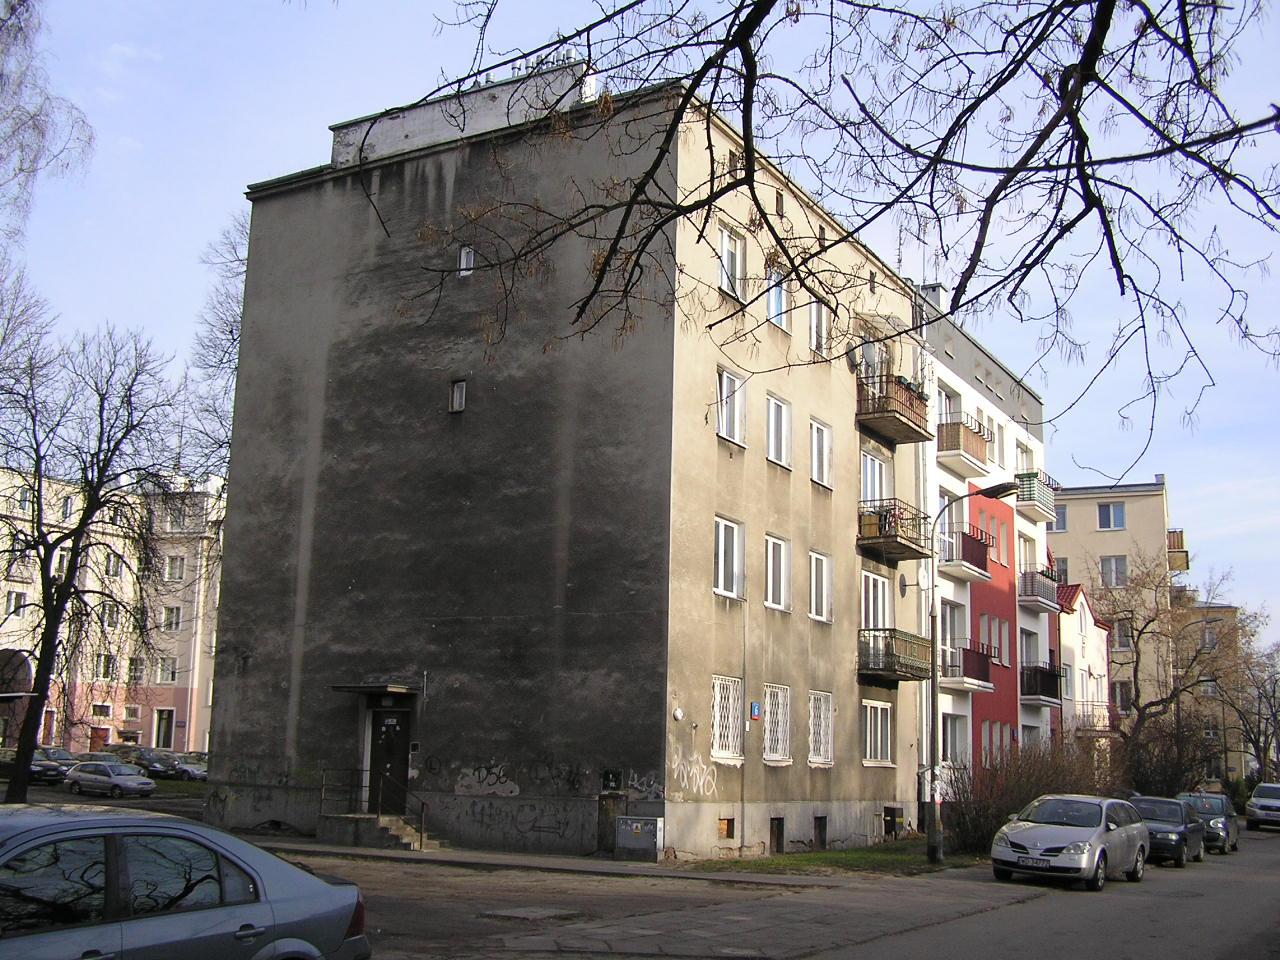 Kamienica przy ulicy Lubomira 6 na Grochowie